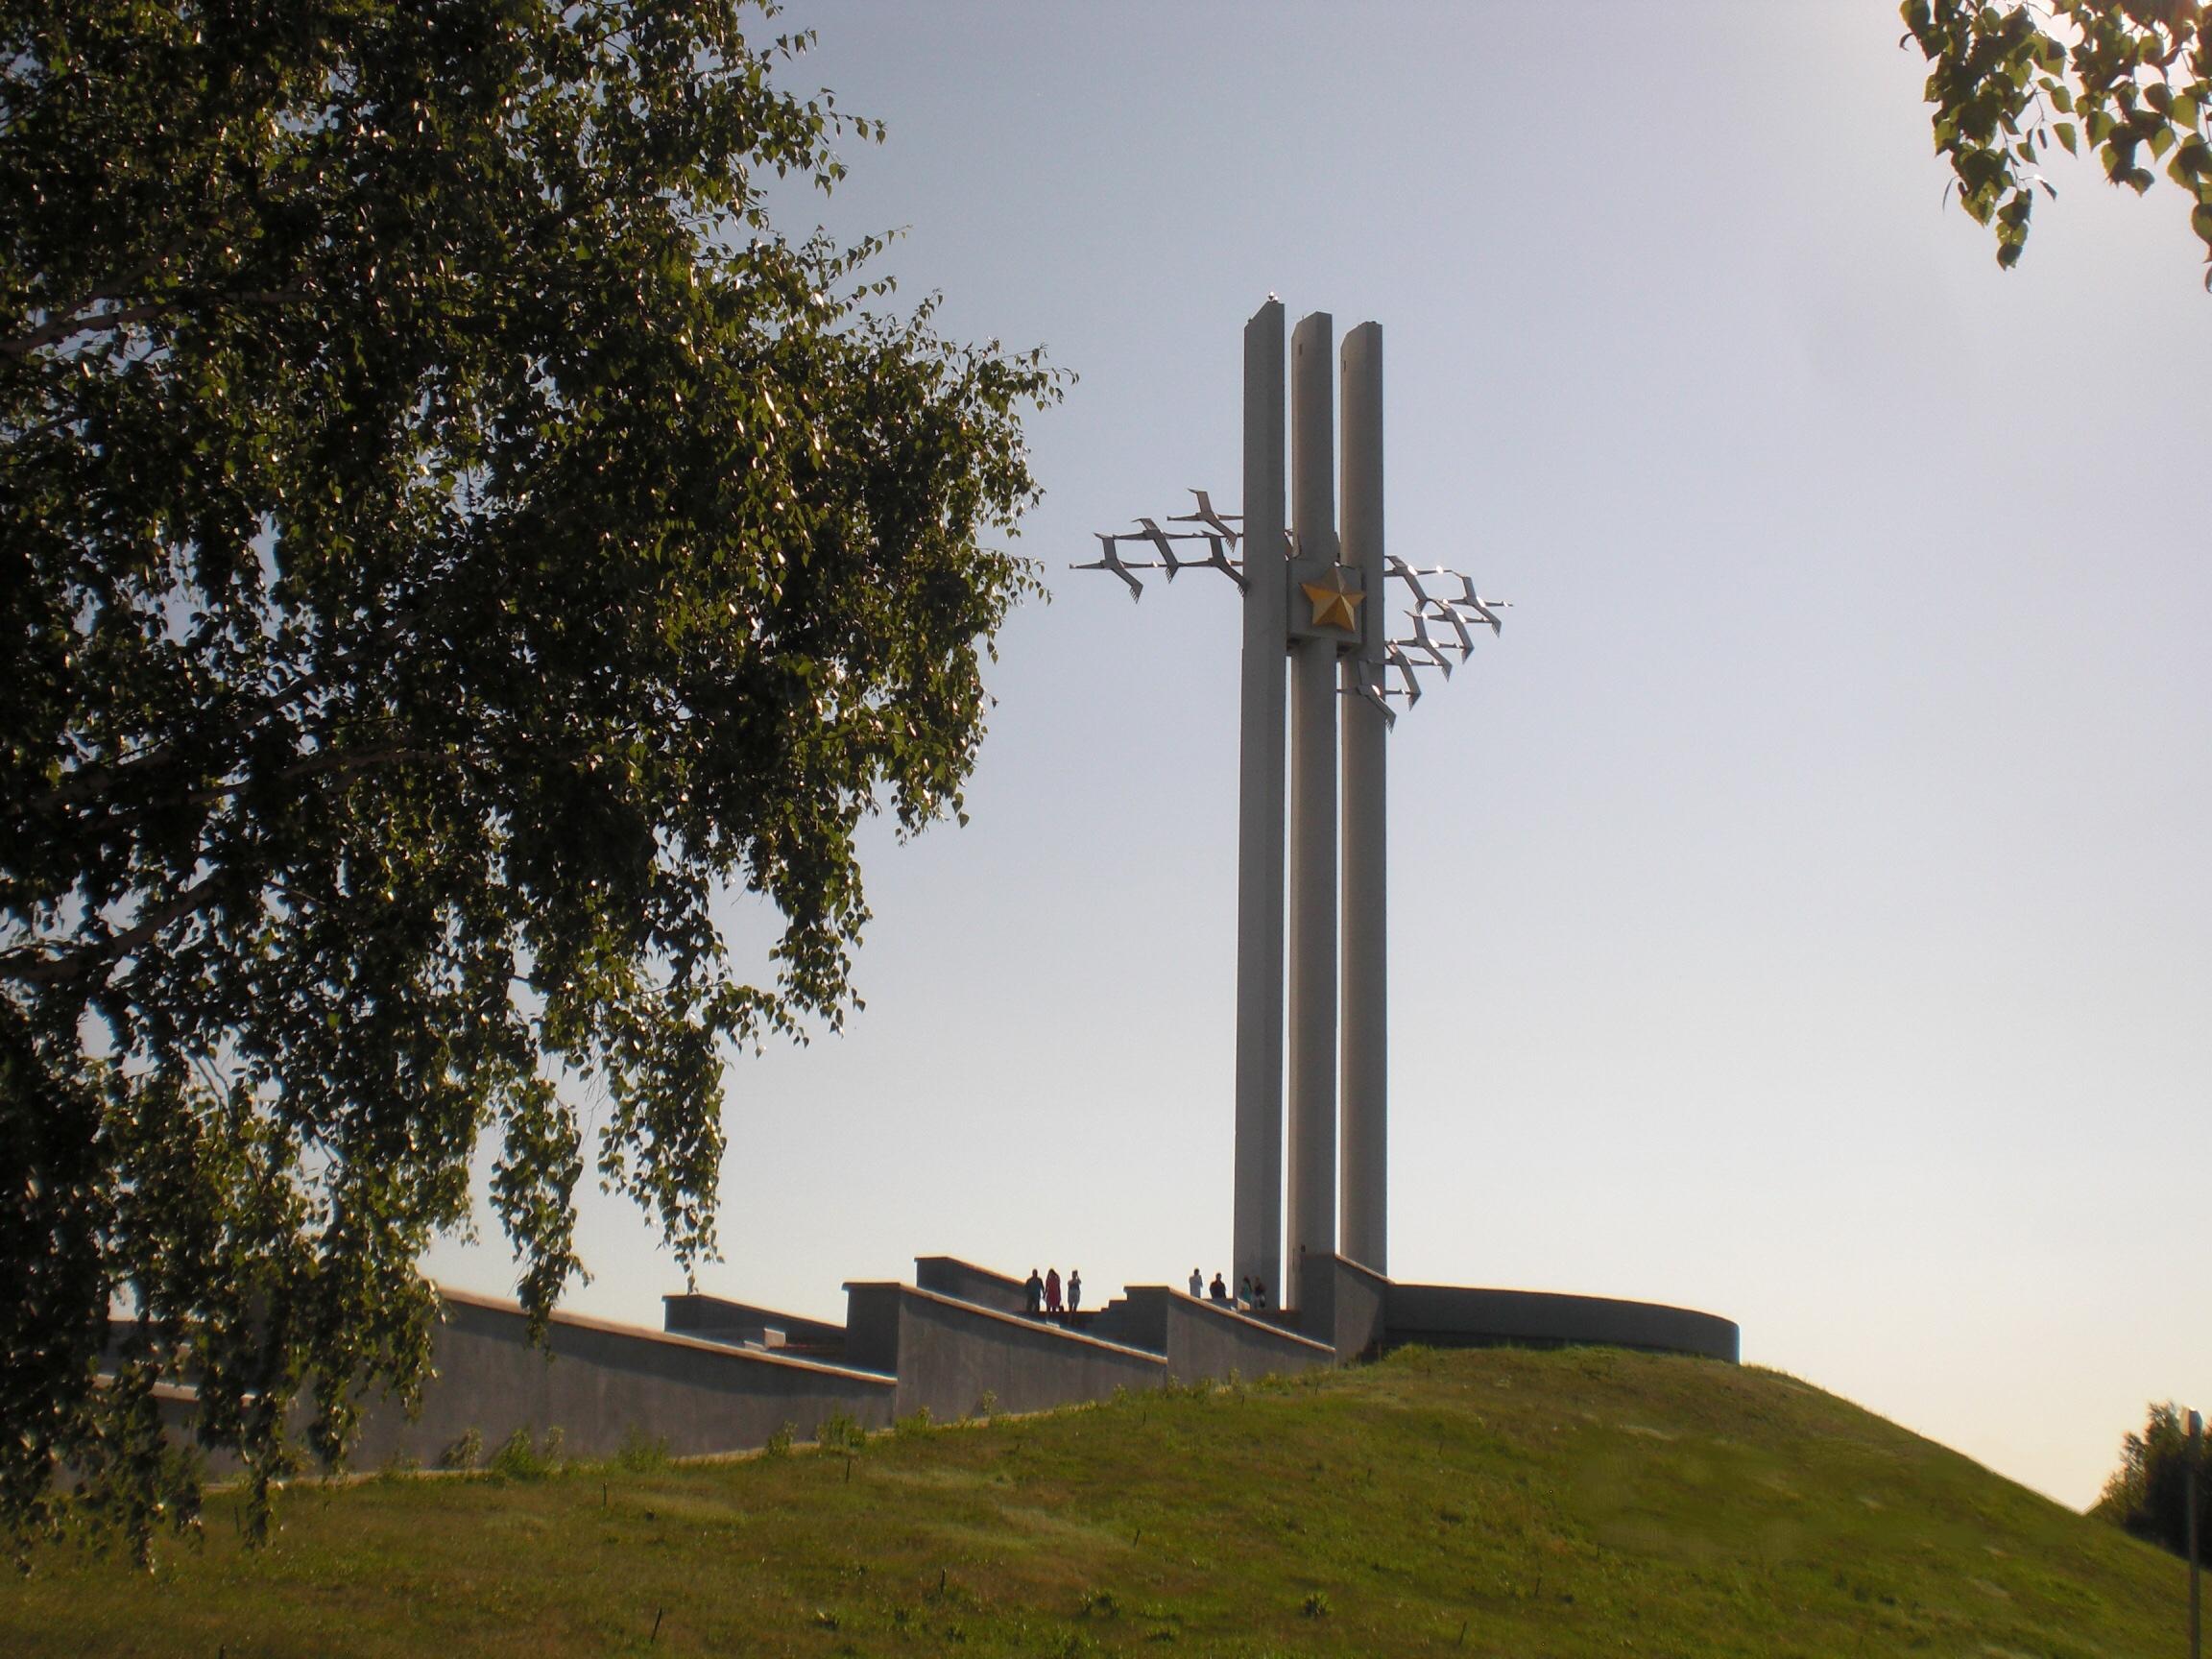 Памятники в россии фото и описание памятника журавли цена на памятники оренбурга utc